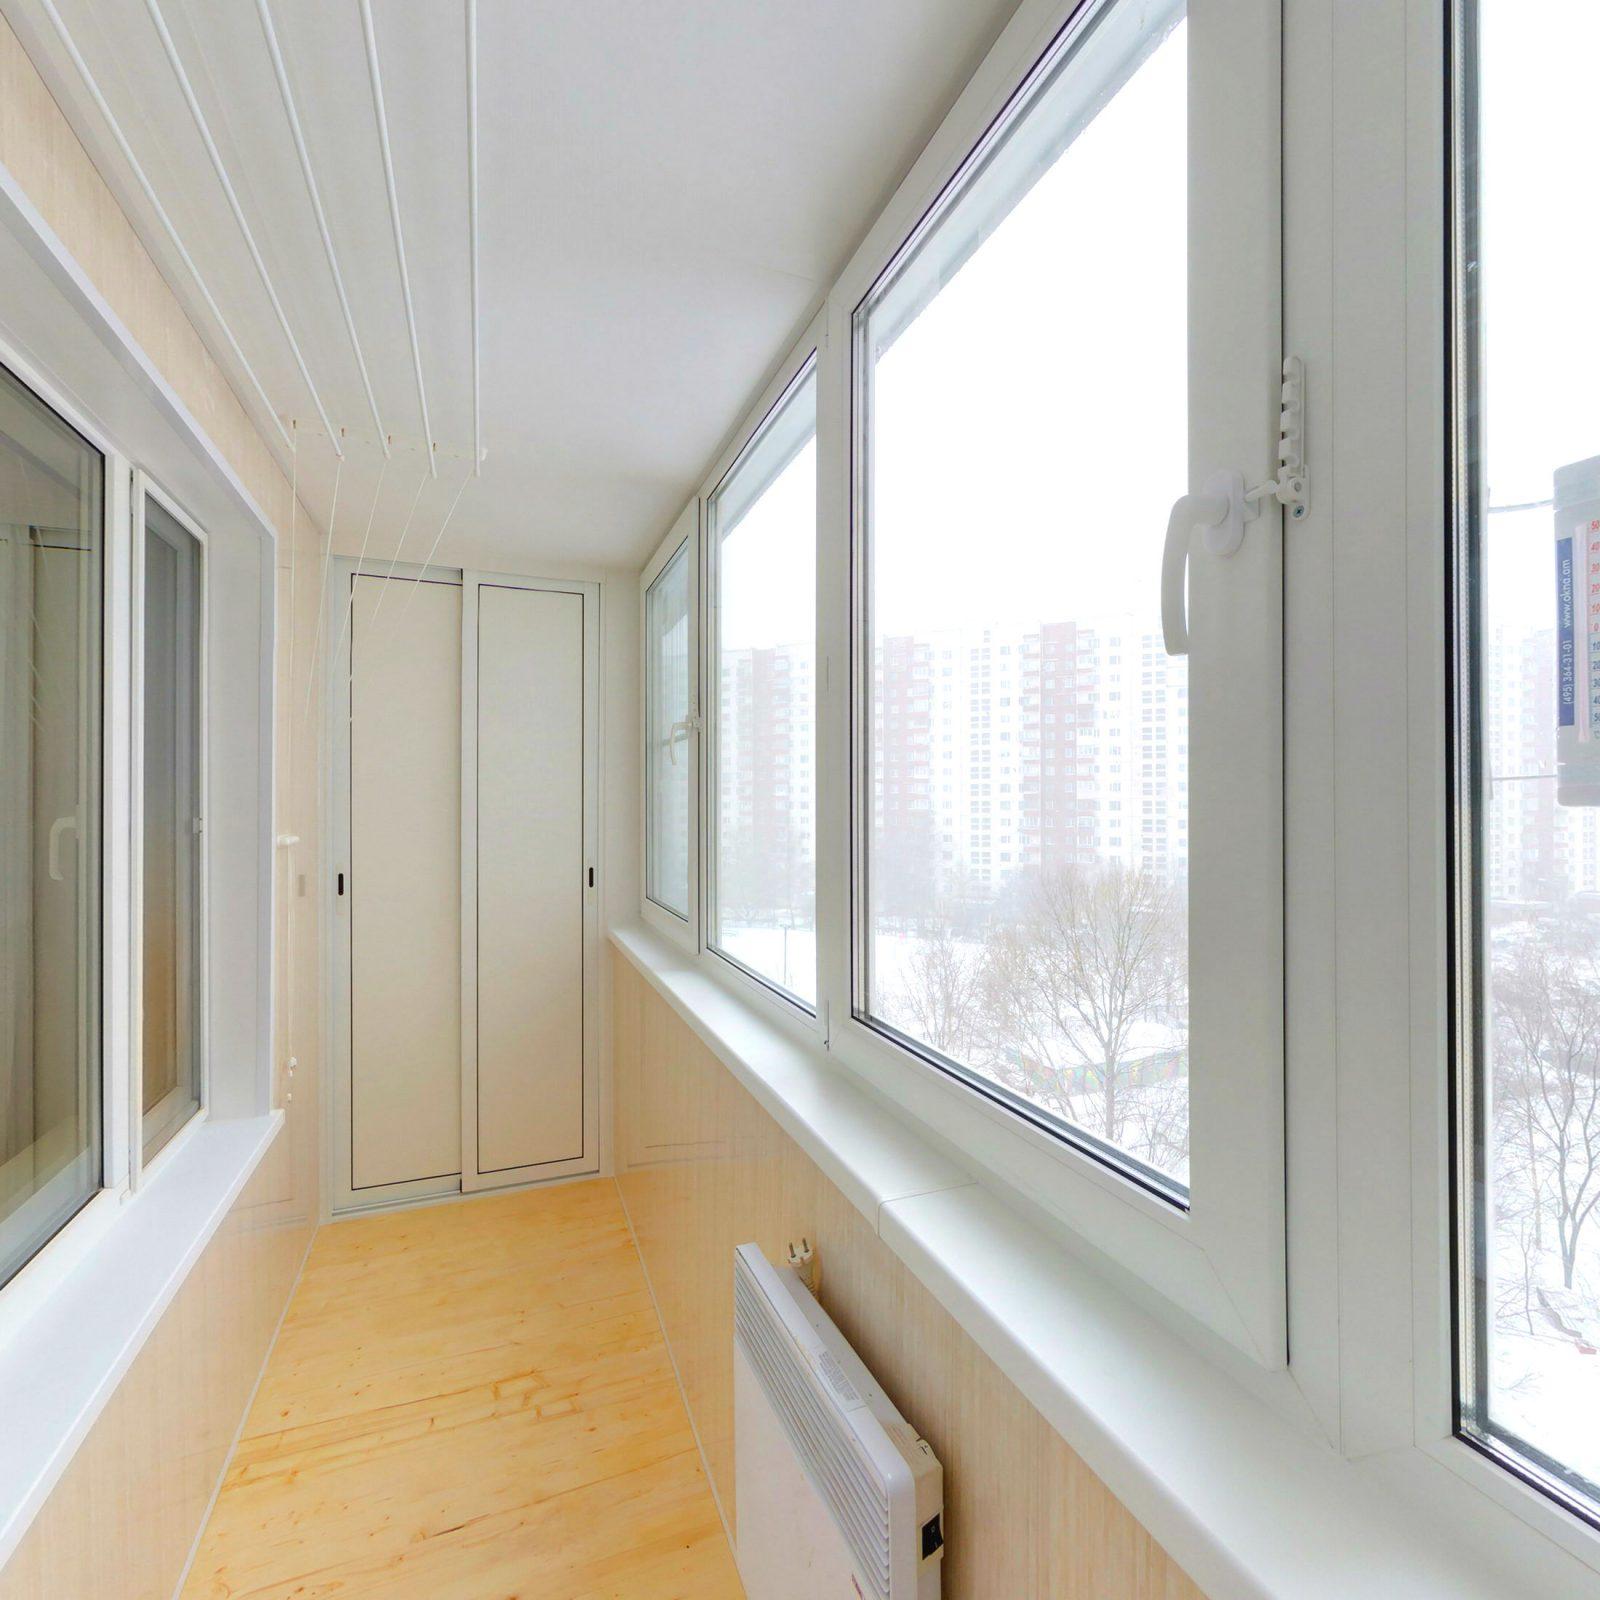 Ремонт балконов под ключ москва.